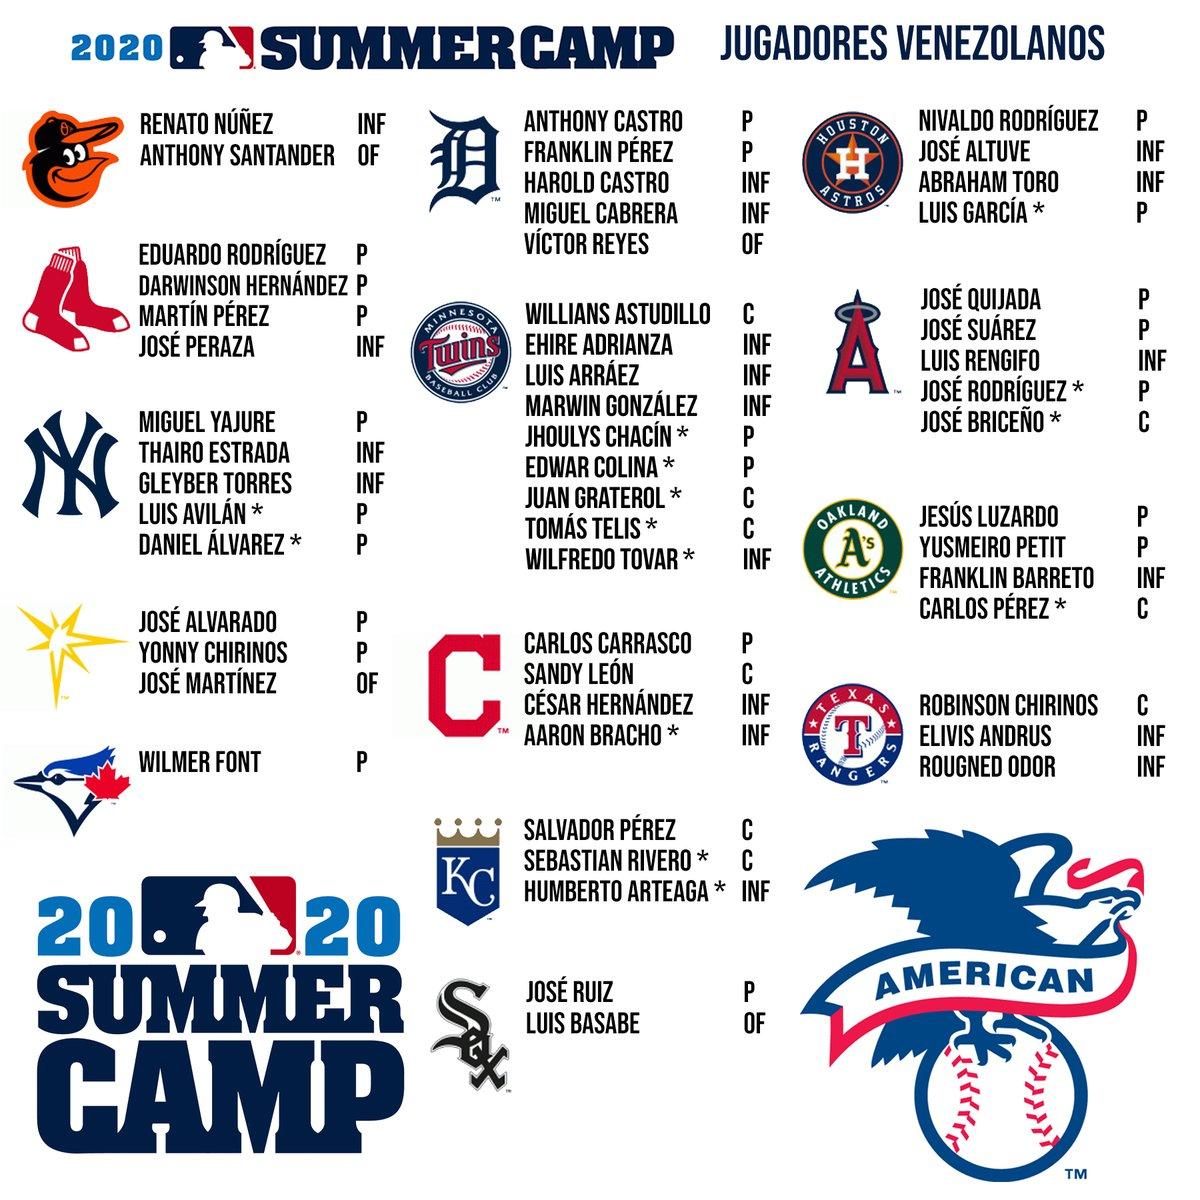 Lista de jugadores venezolanos presentes en el Summer Camp de @LasMayores https://t.co/Q2SPmZ5Yja